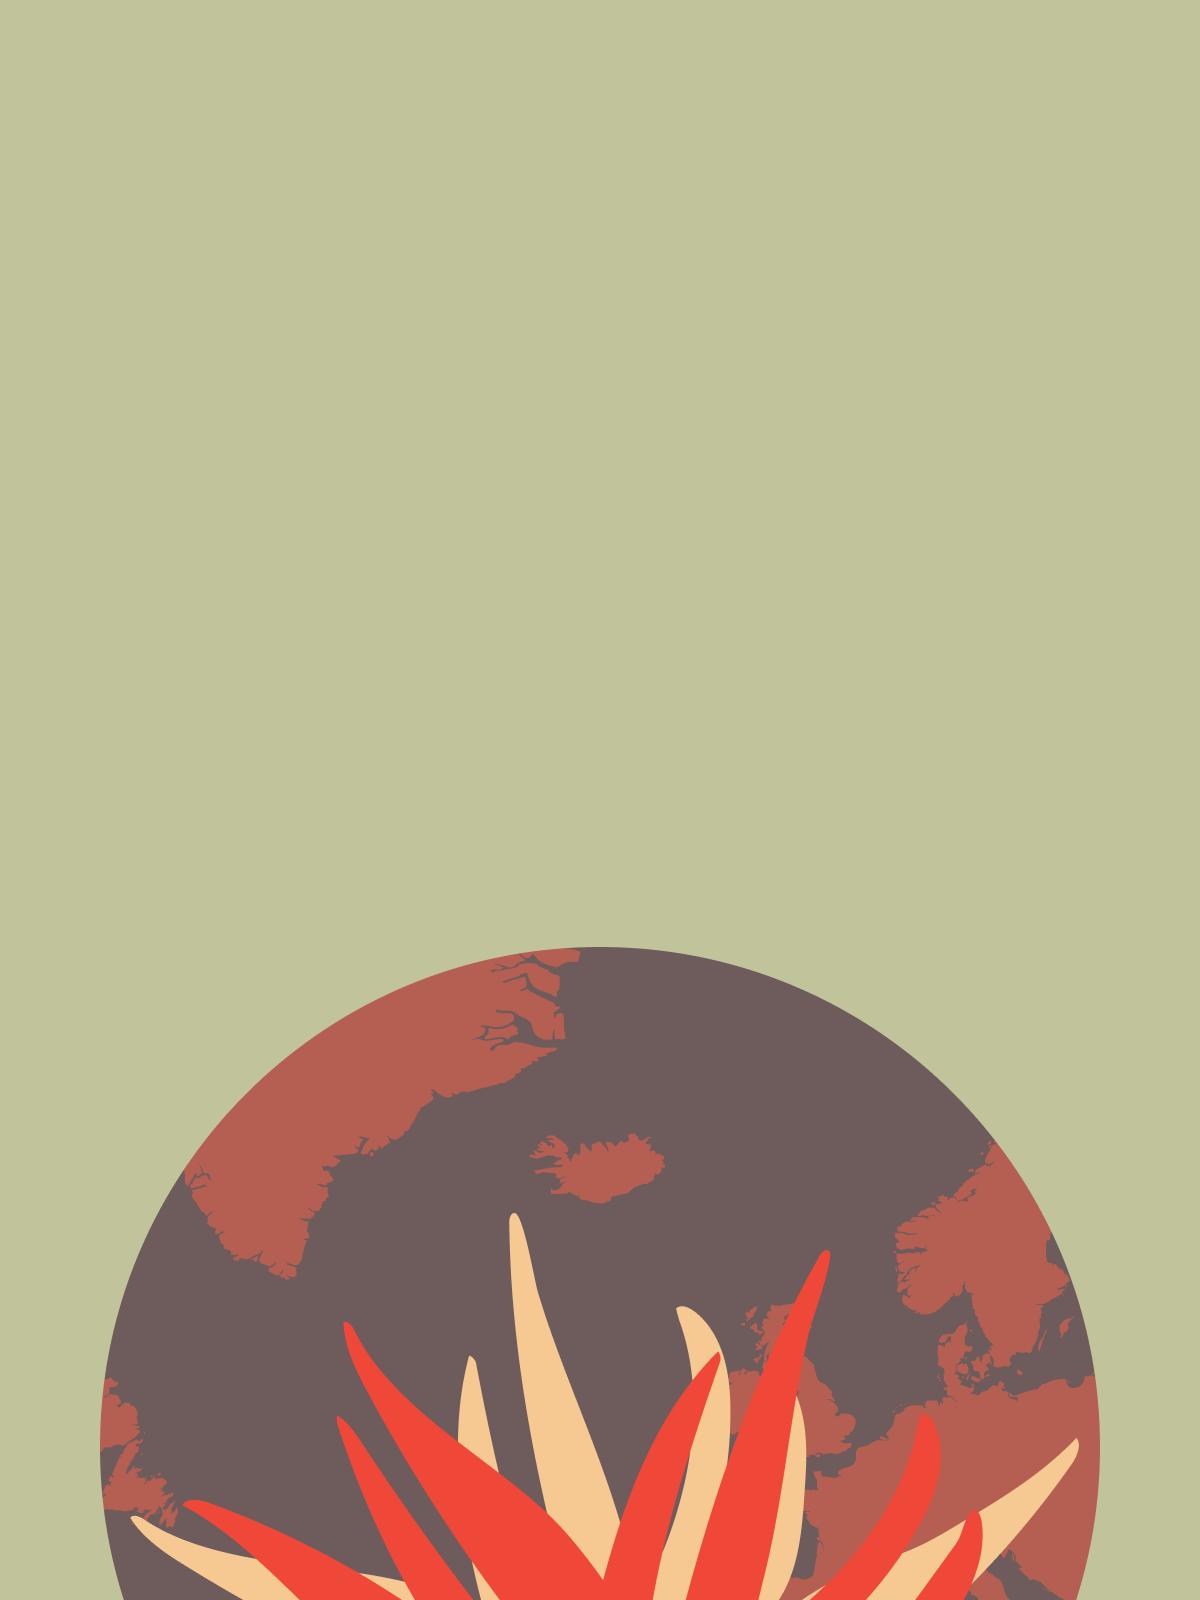 Kerfisbreytingar – ekki loftslagsbreytingar